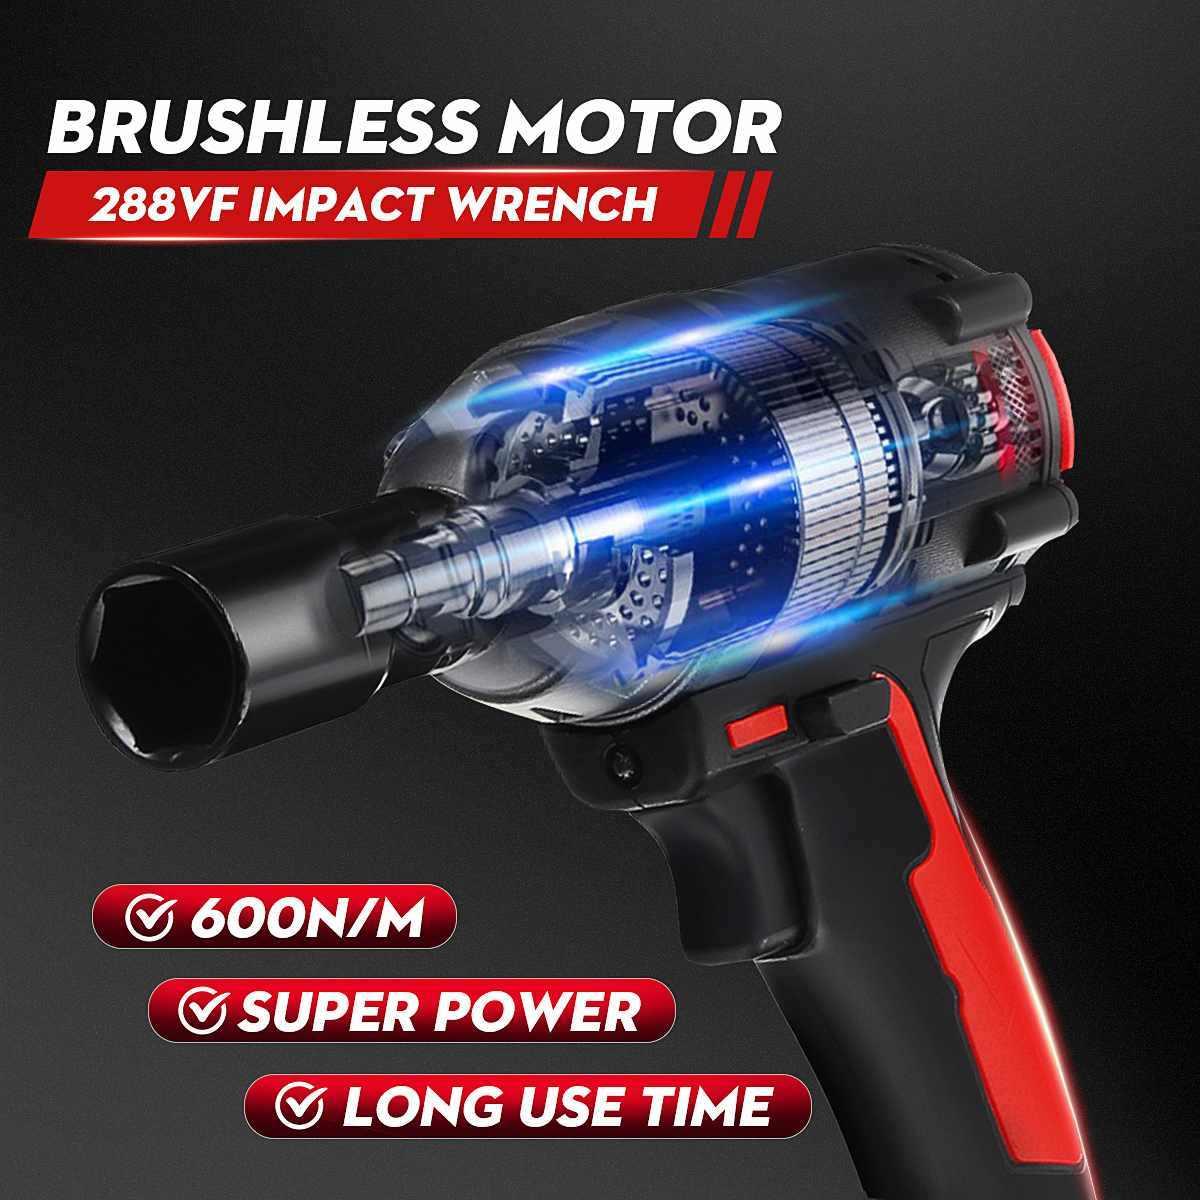 288VF llave eléctrica sin escobillas de impacto inalámbrico batería de iones de litio 600N. M Torque DIY casa coche/SUV llave de enchufe de rueda herramientas eléctricas